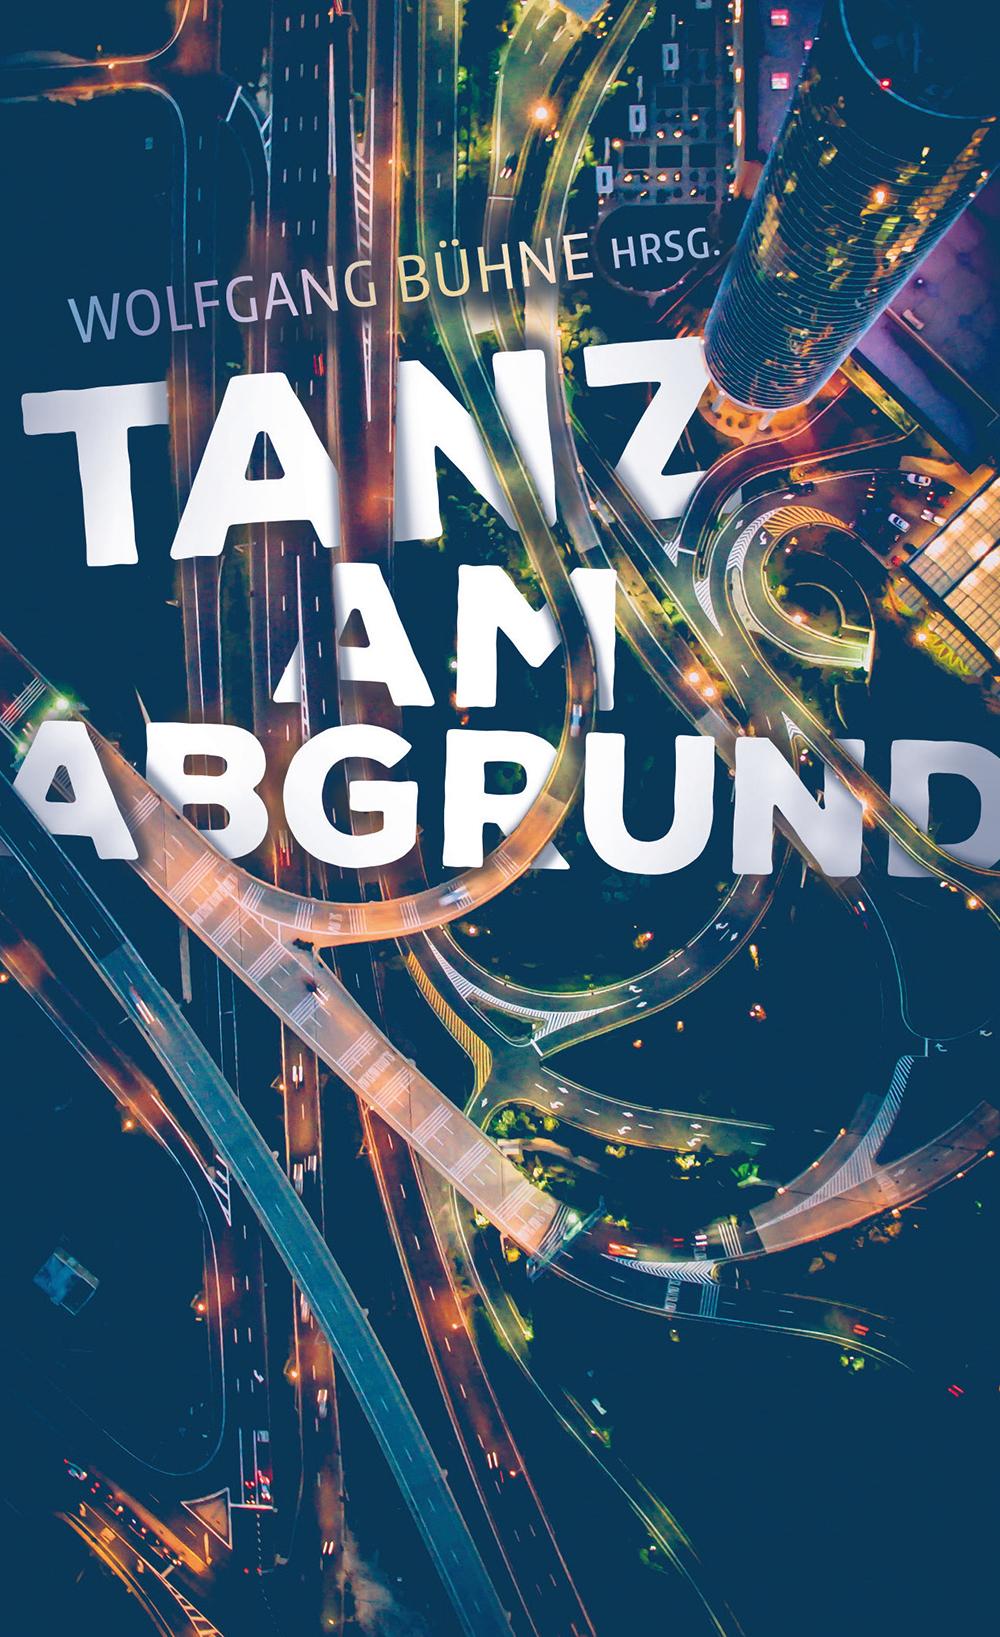 CLV_tanz-am-abgrund_wolfgang-buehne_255470_1